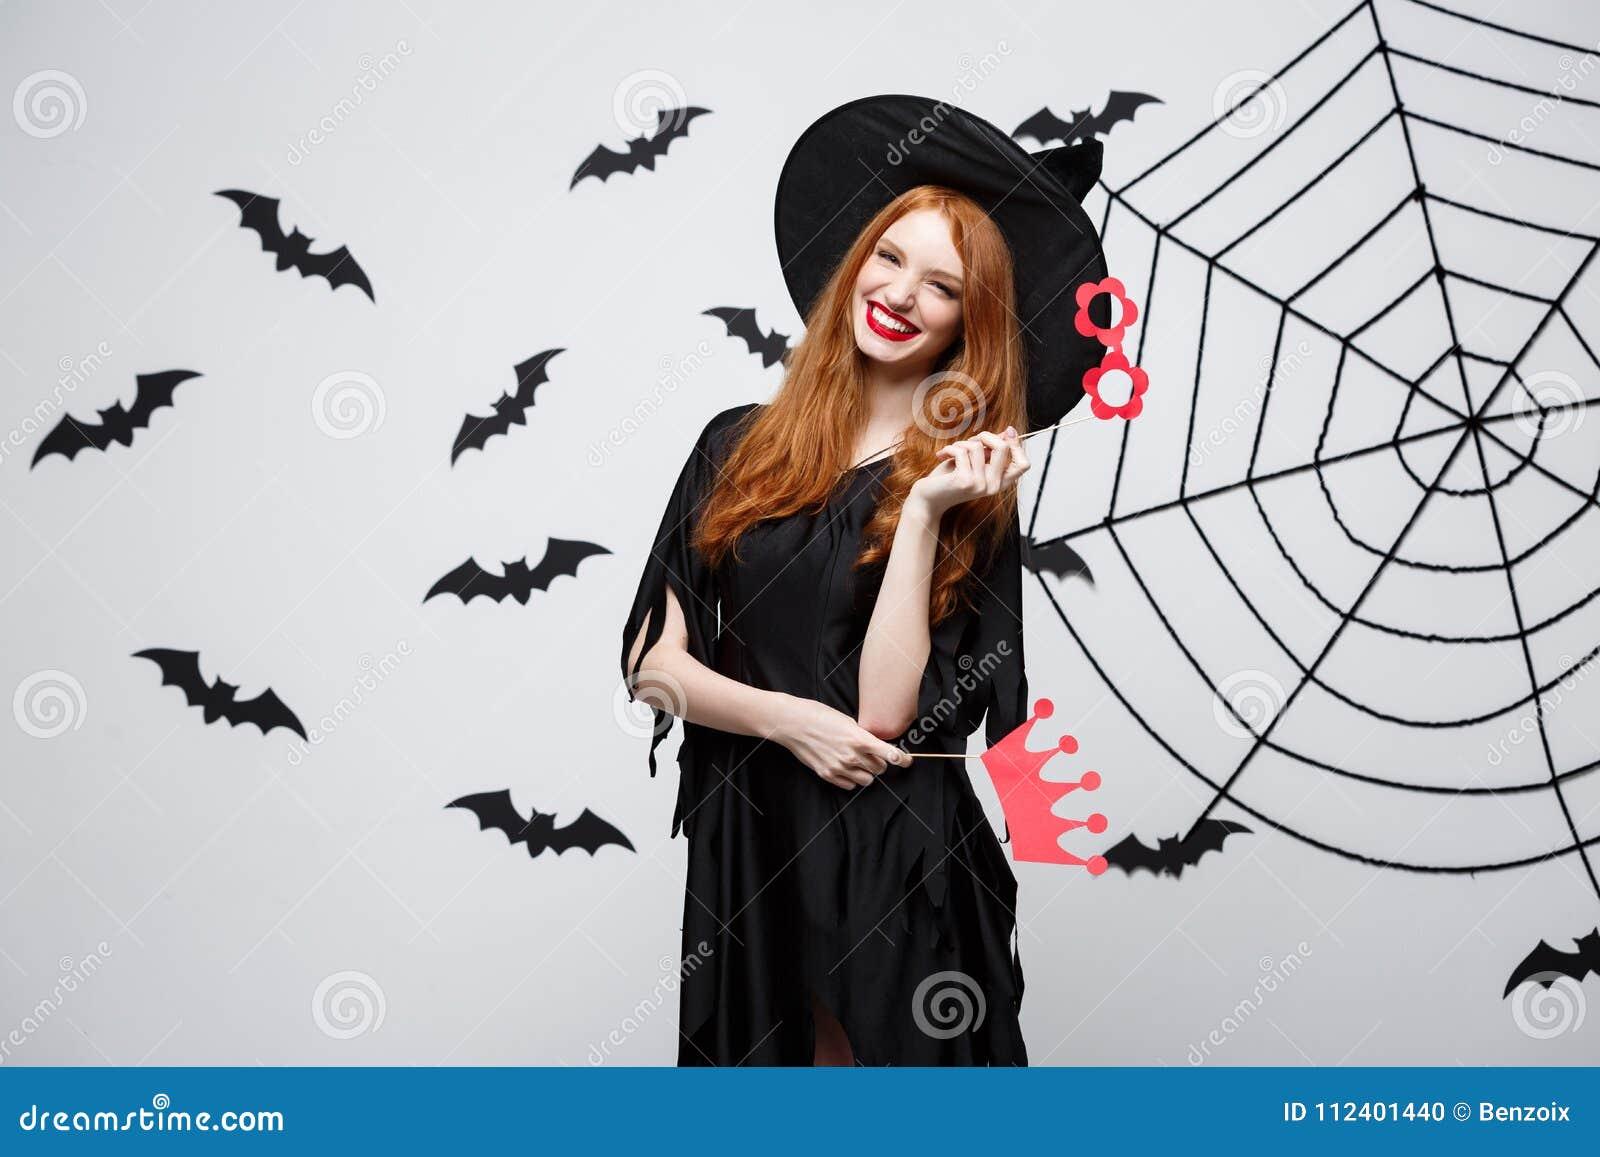 Girls Black Dresses